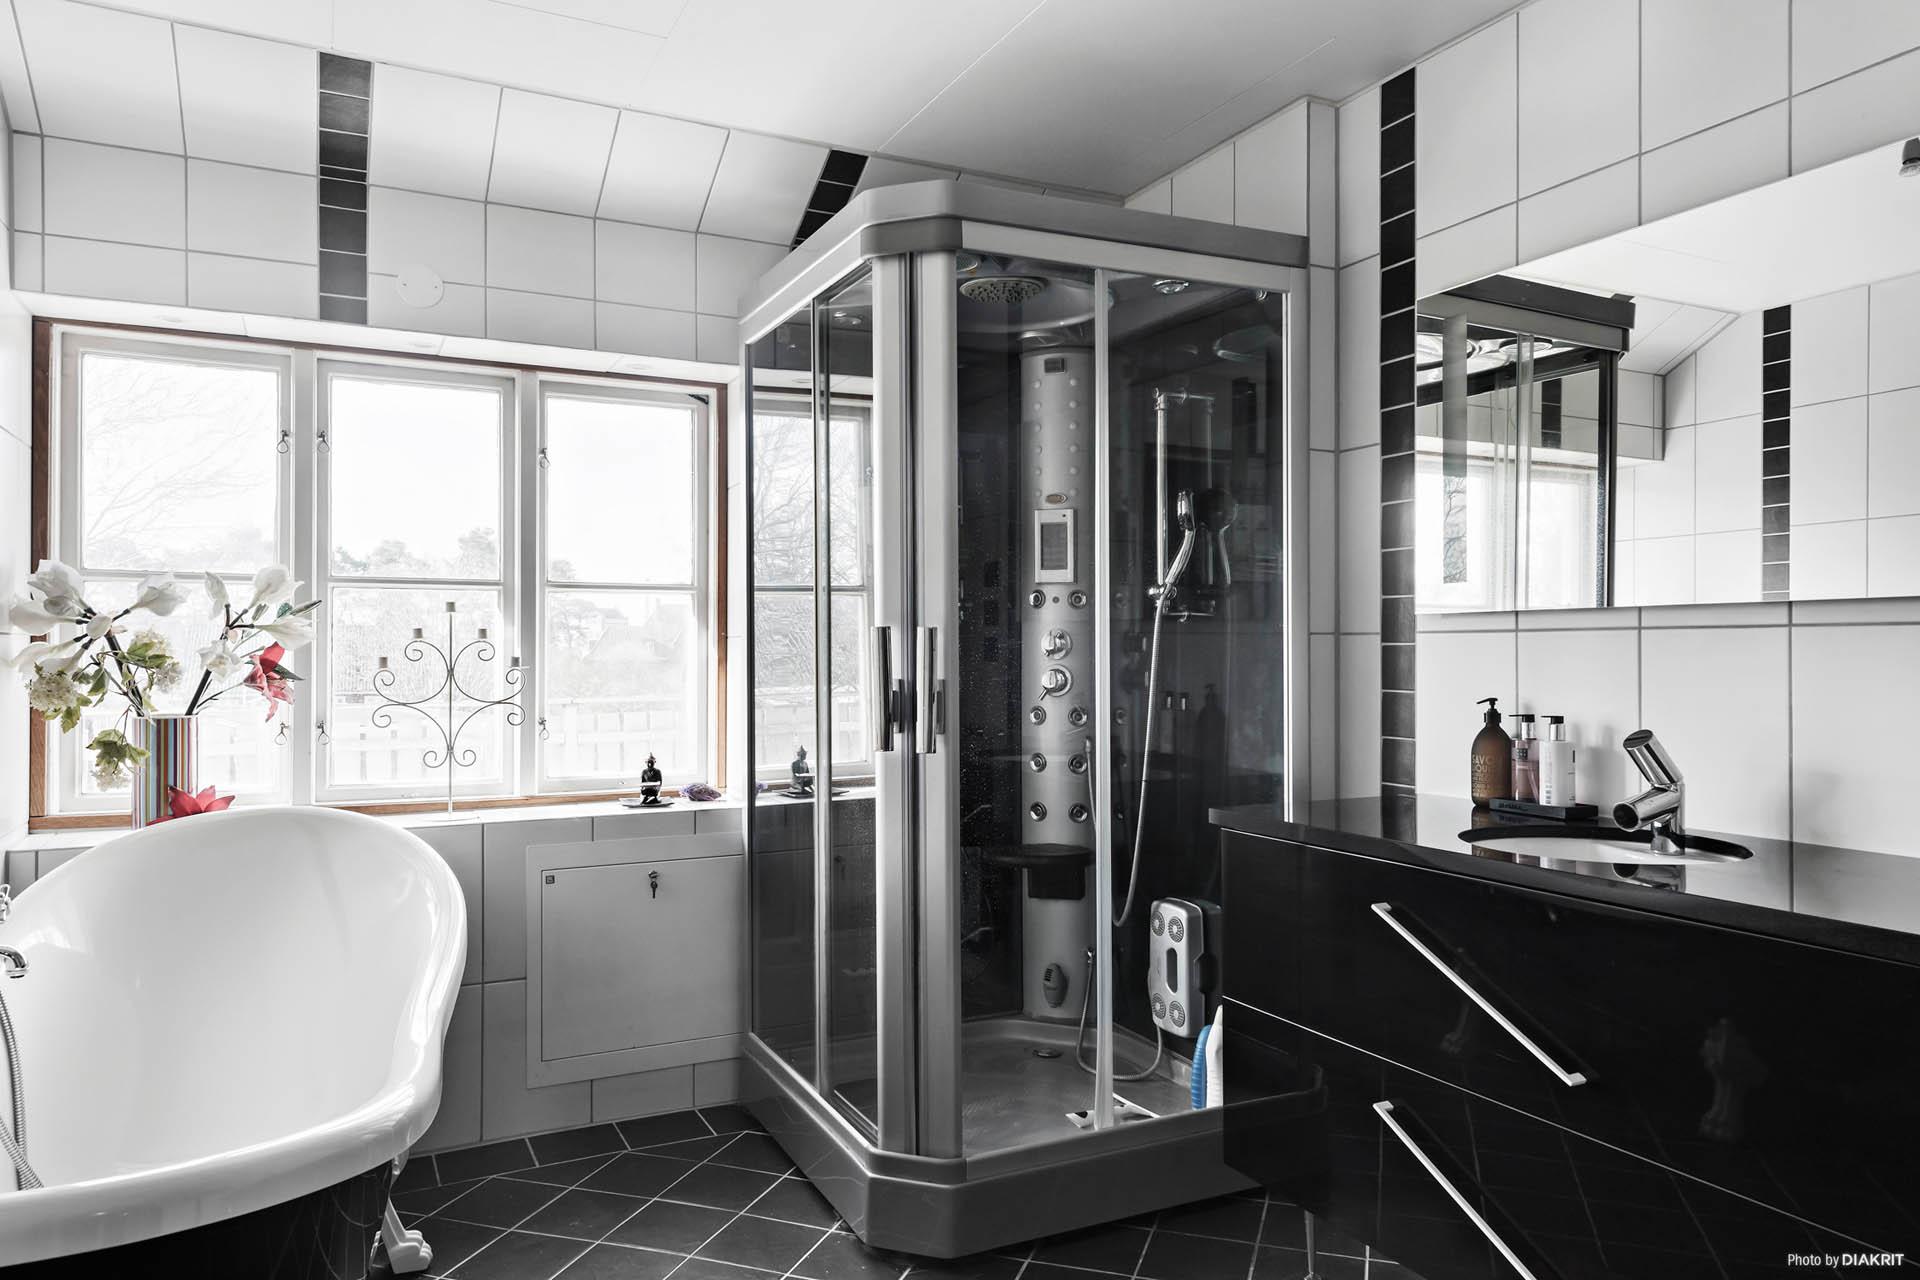 Badrummet är utrustat med badkar, ångdusch, toalett och tvättställ.